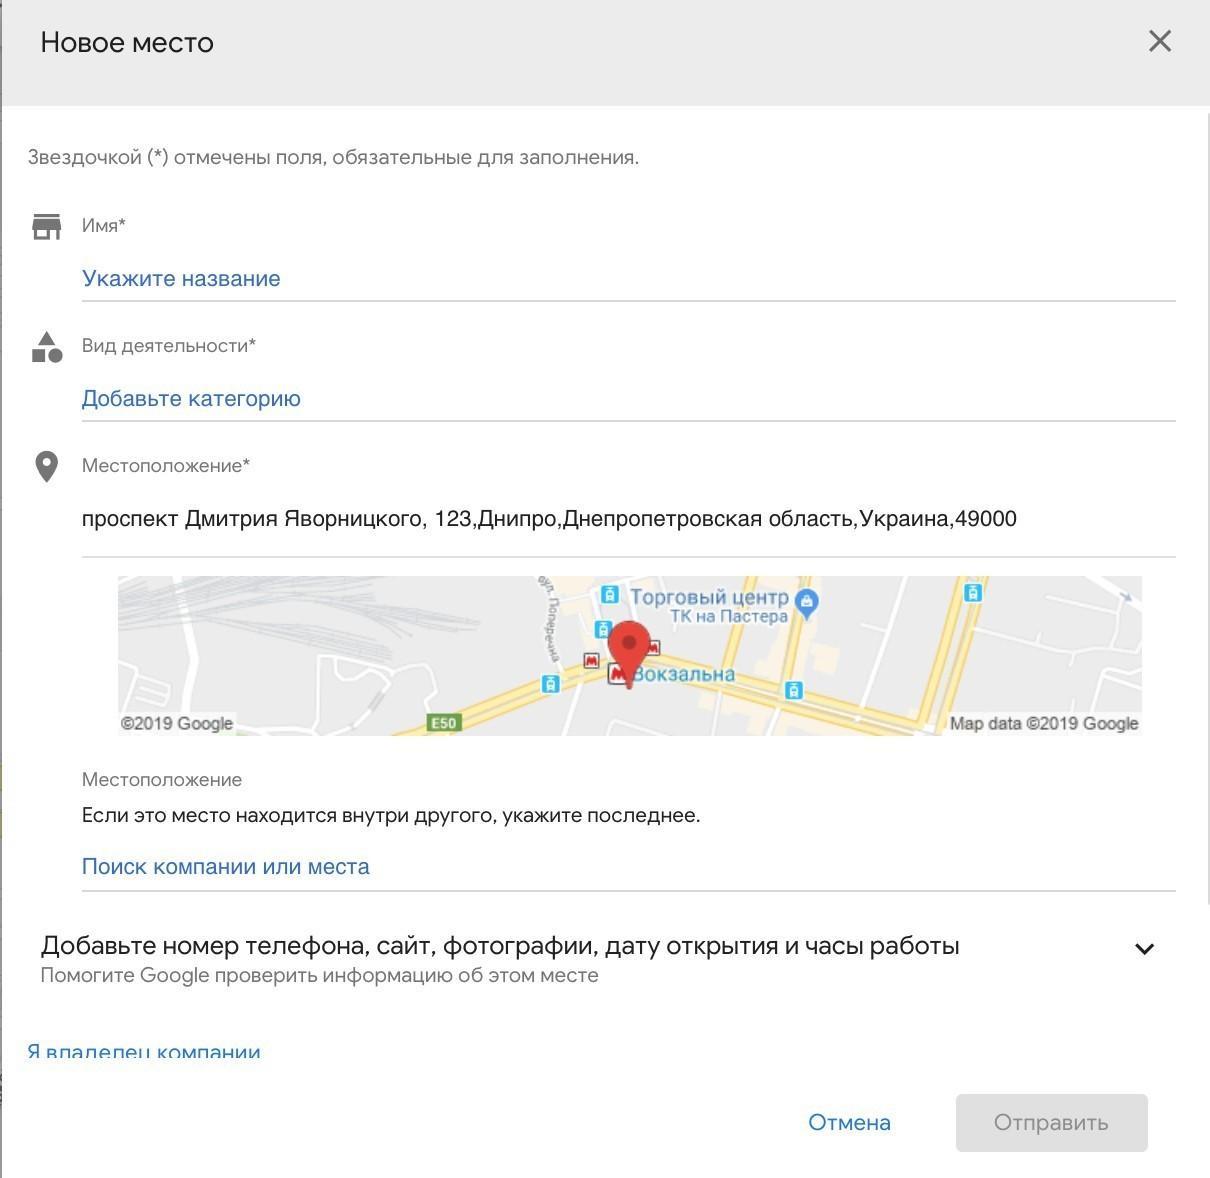 image20 - Google Maps (Гугл Карты): регистрация, заполнение и продвижение